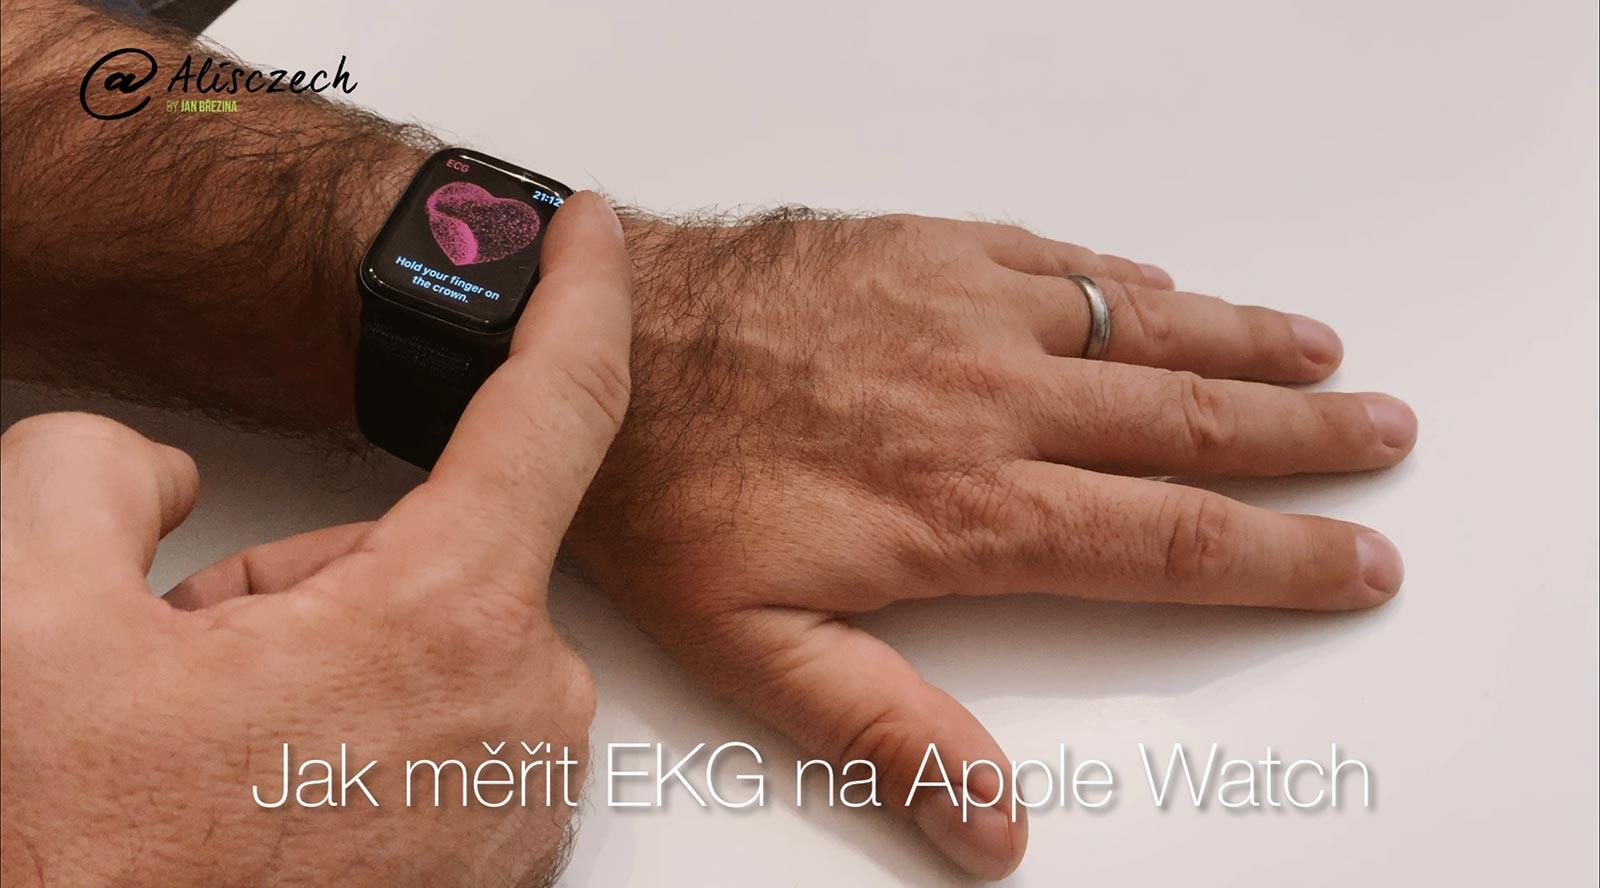 EKG na Apple Watch